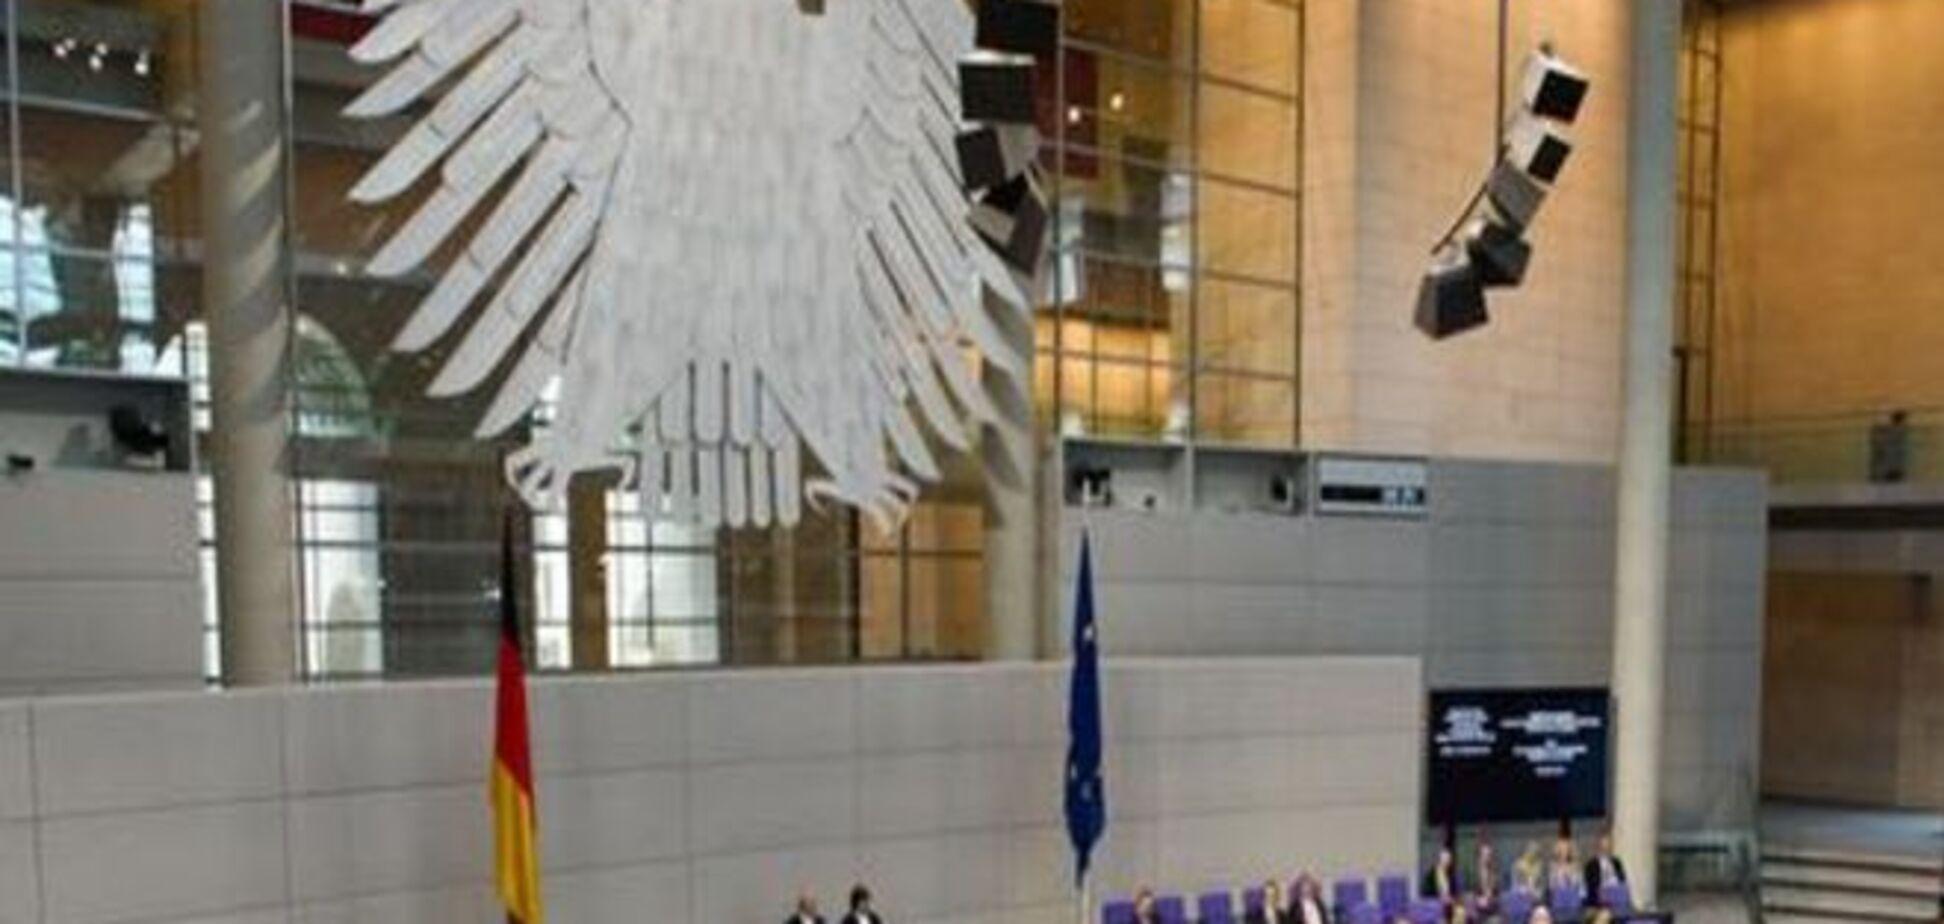 Бундестаг дав 'зелене світло' відновленню переговорів про фінансову допомогу Греції